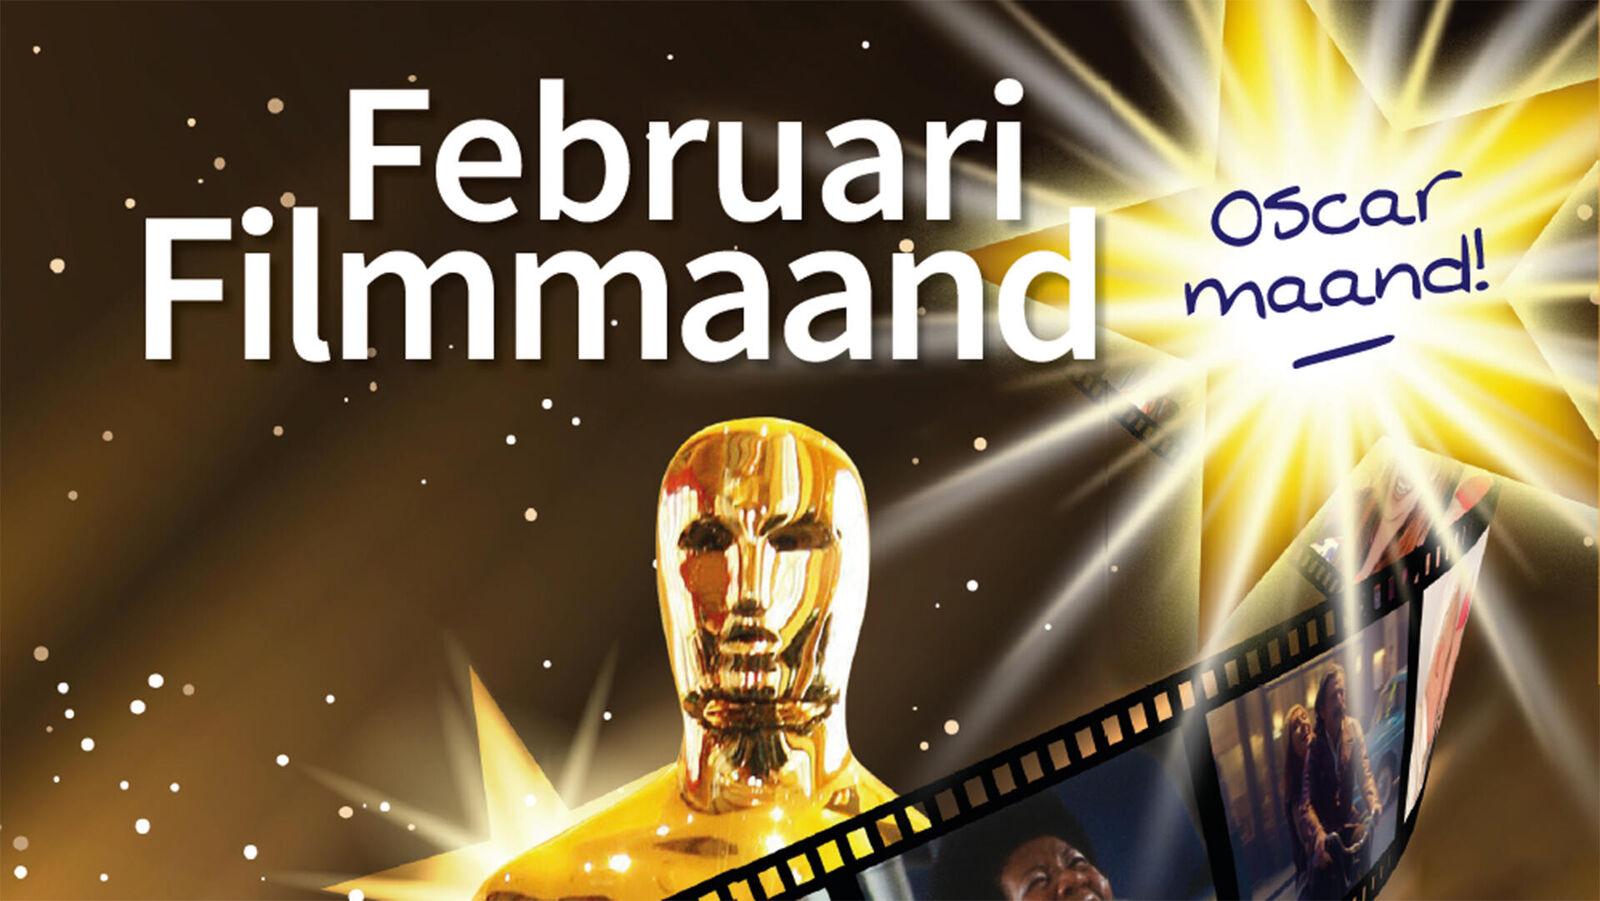 Februari Filmmaand: Oscar-maand